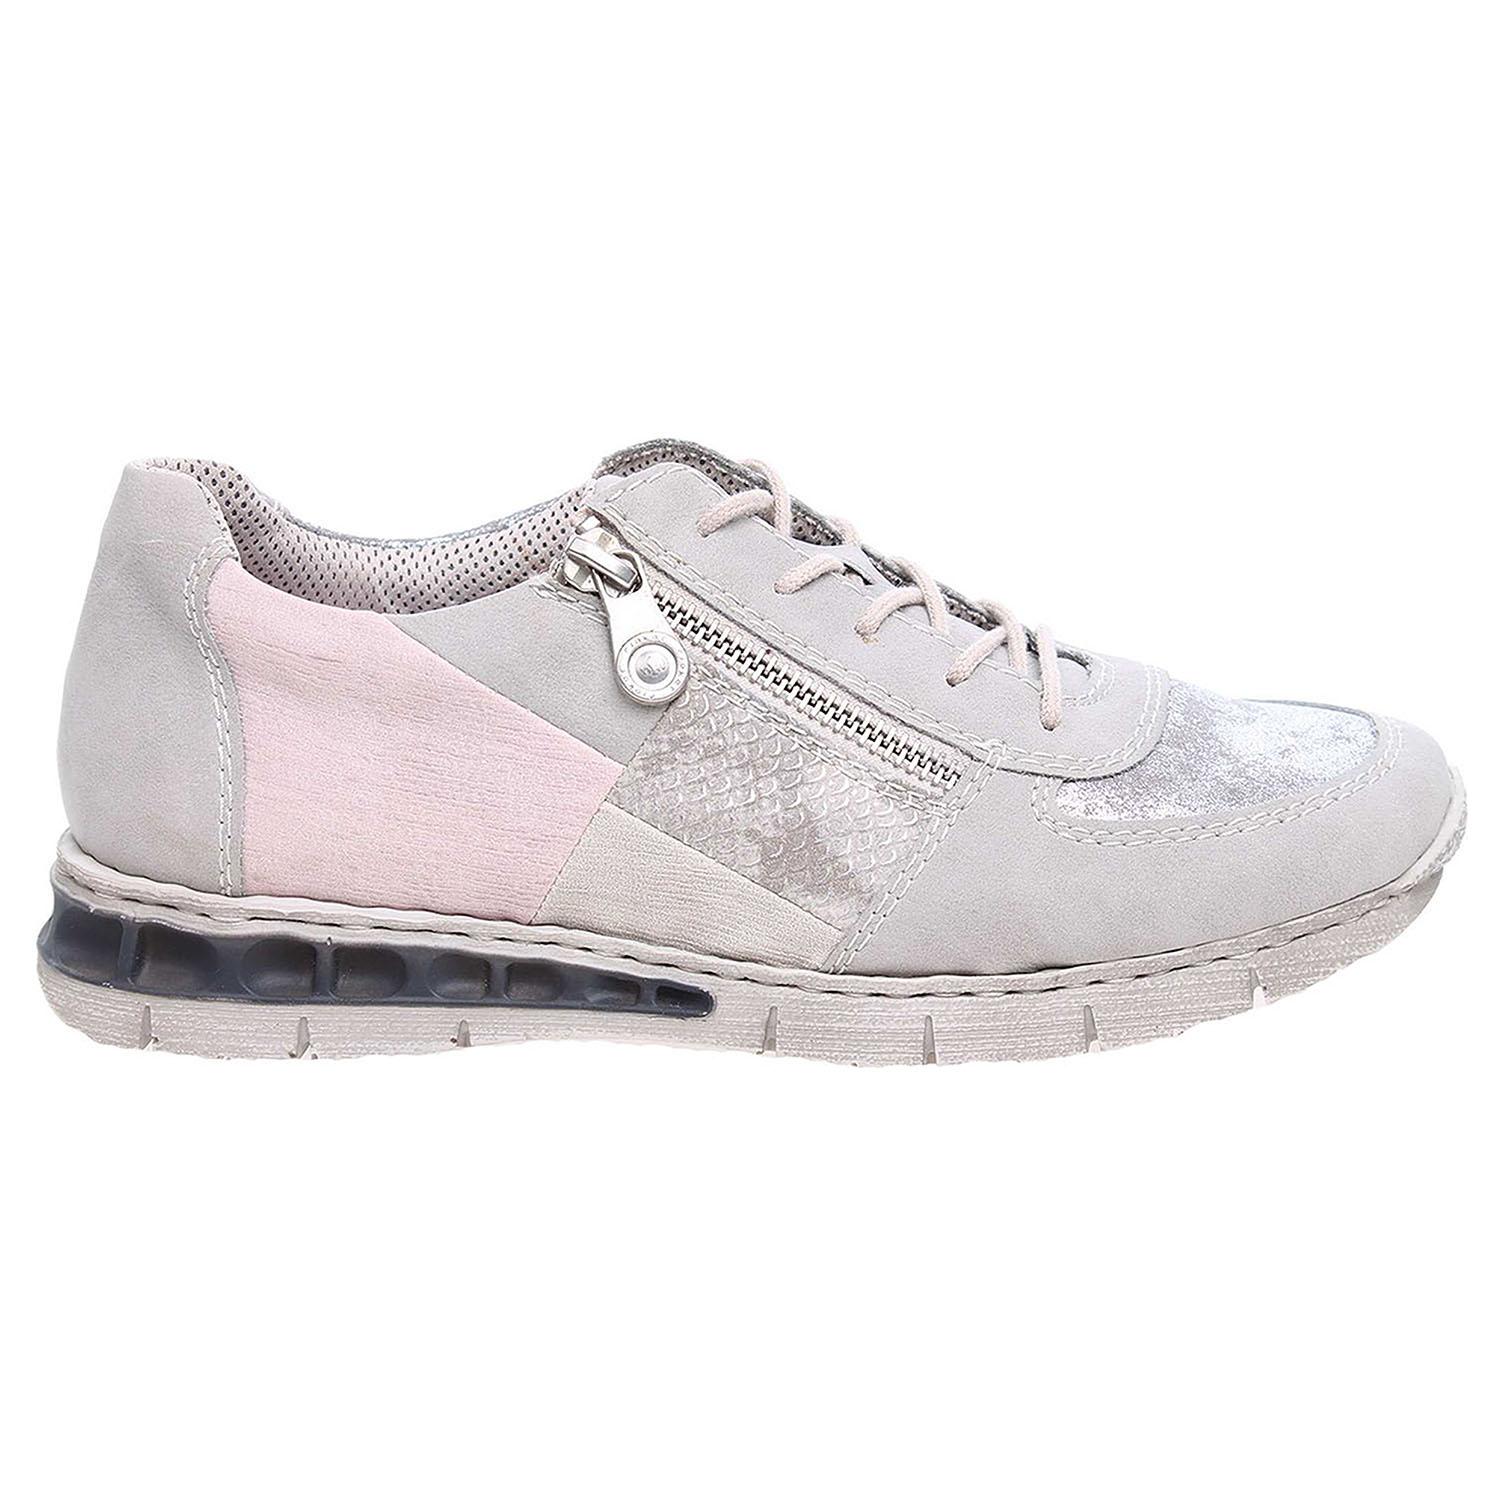 Ecco Rieker dámská obuv M2840-40 šedá 23200578 06768cfd250